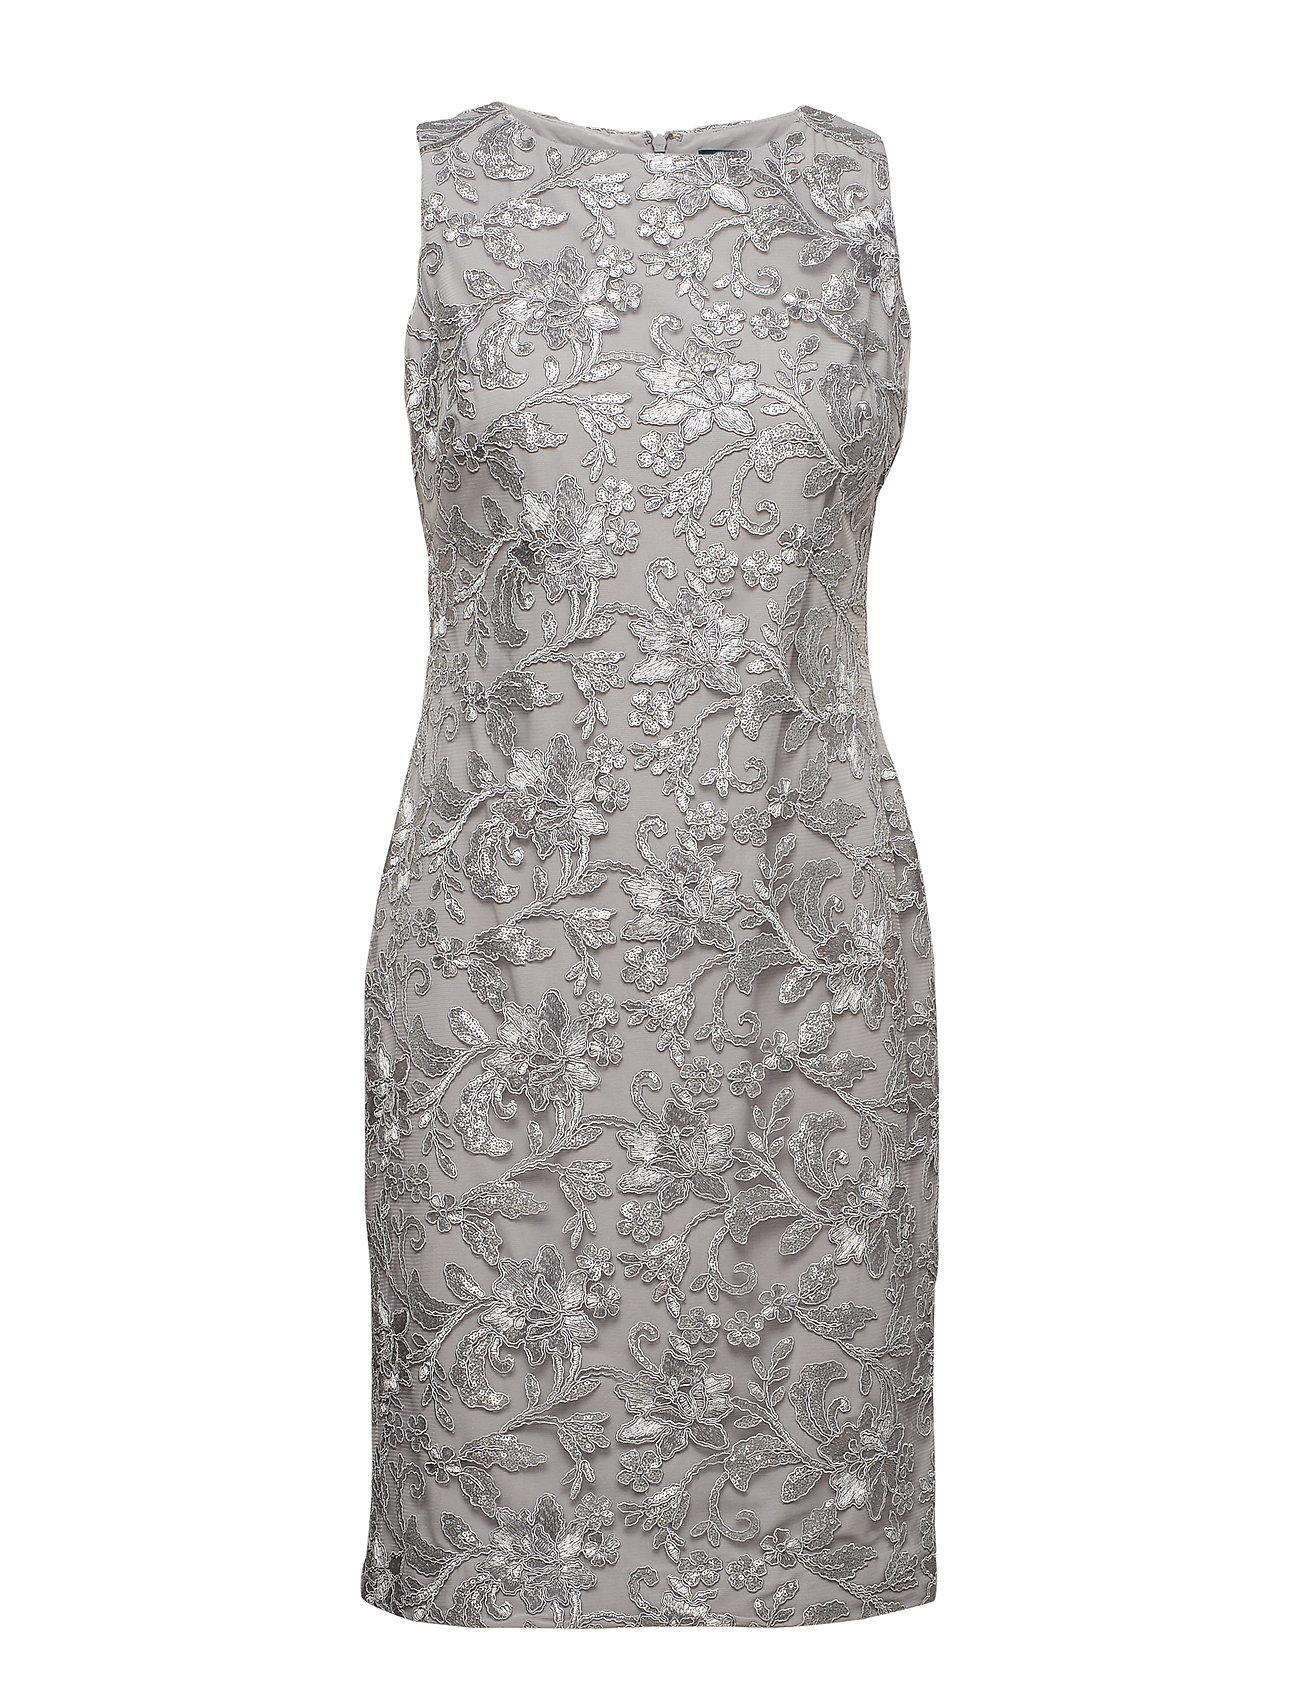 Lauren Ralph Lauren Sequined Floral Mesh Dress - GREY PEARL